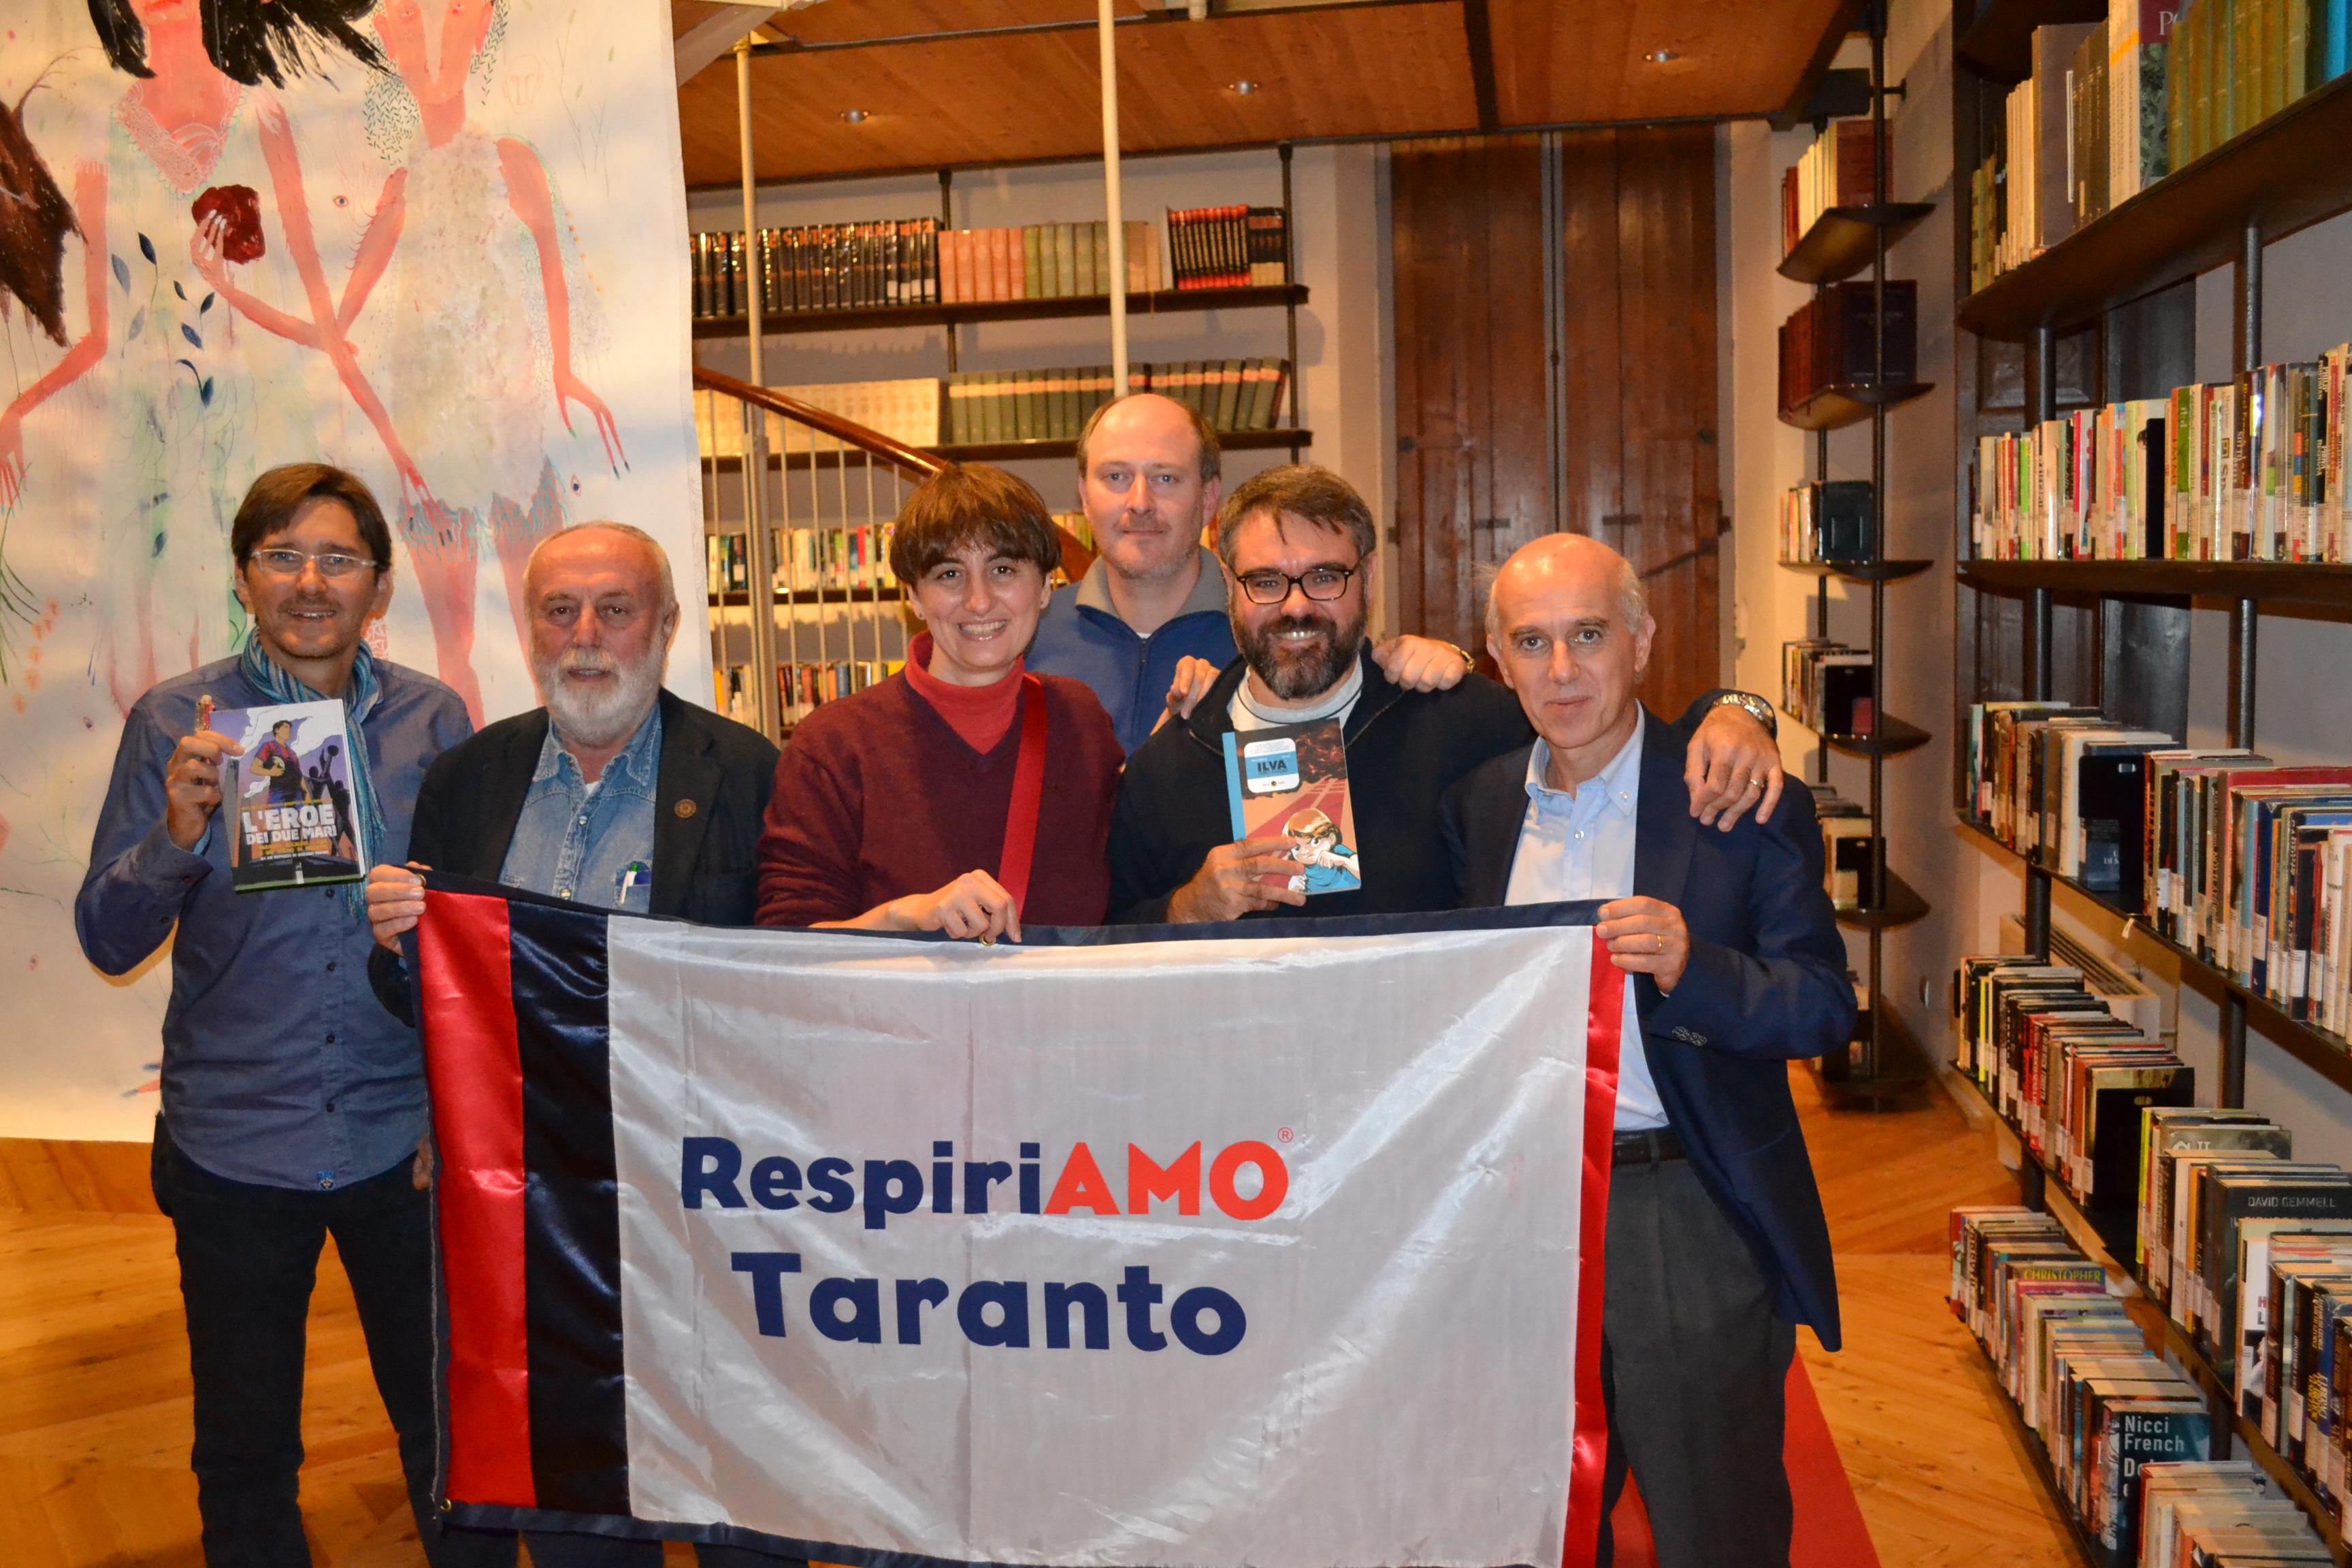 Il Caso ILVA- con Vittorio Agnoletto, Carlo Gubitosa, Laura Tussi, Fabrizio Cracolici, Virginio Bettini e Giuliano Pavone- RespiriAMO Taranto